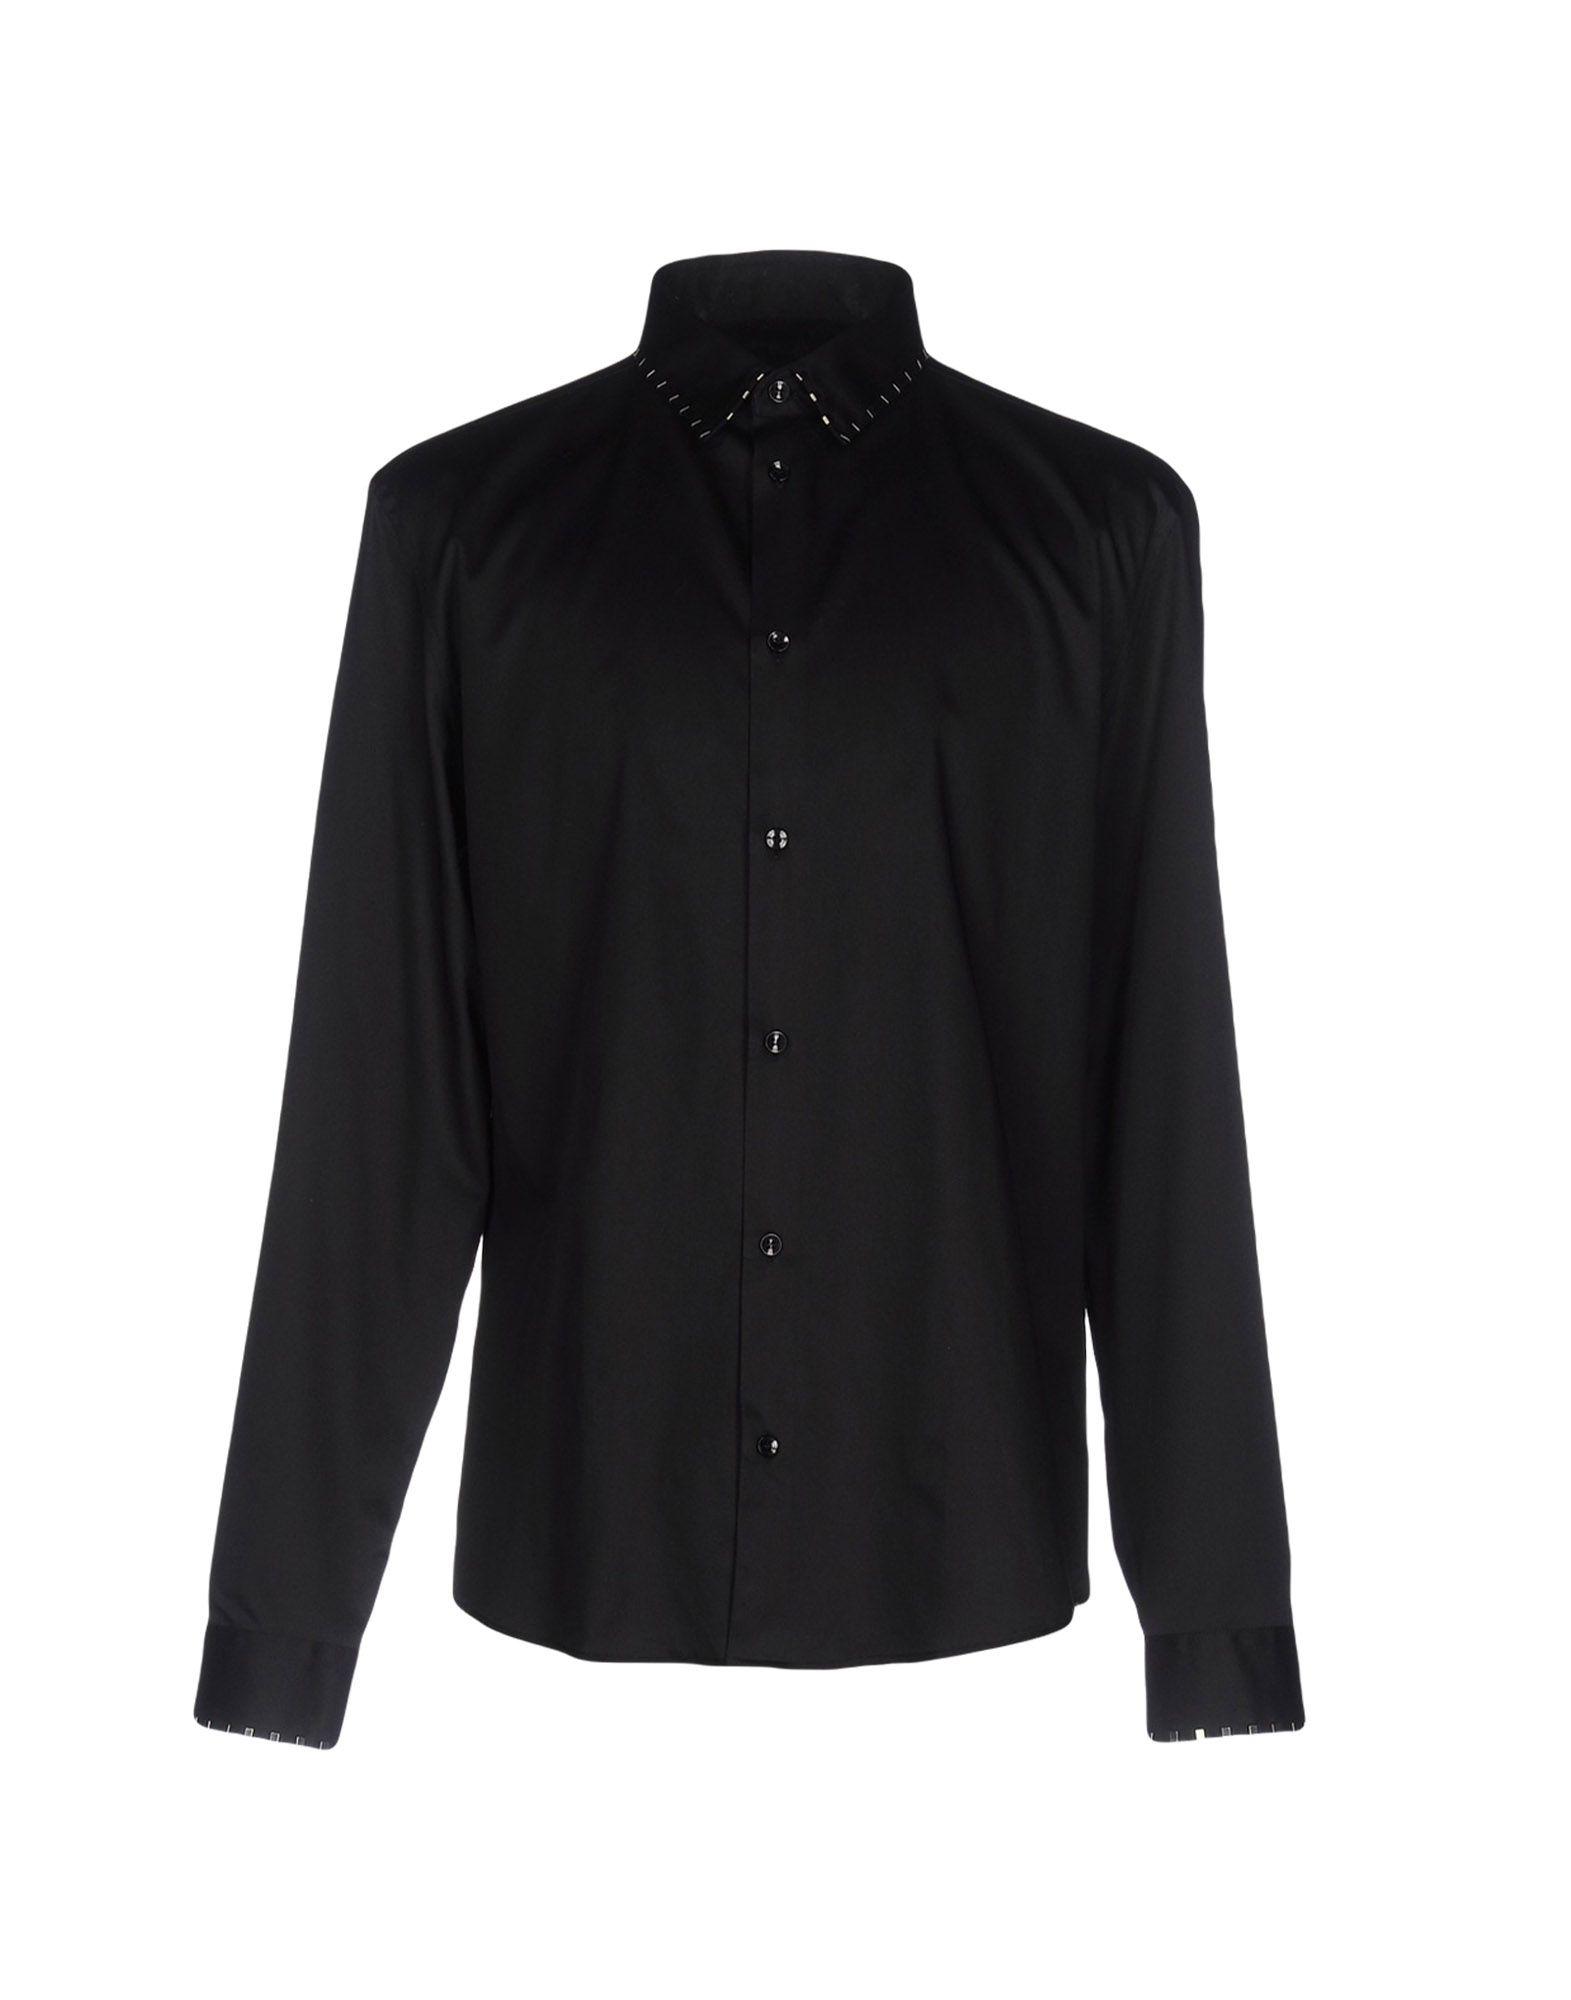 VERSACE COLLECTION Herren Hemd Farbe Schwarz Größe 9 jetztbilligerkaufen